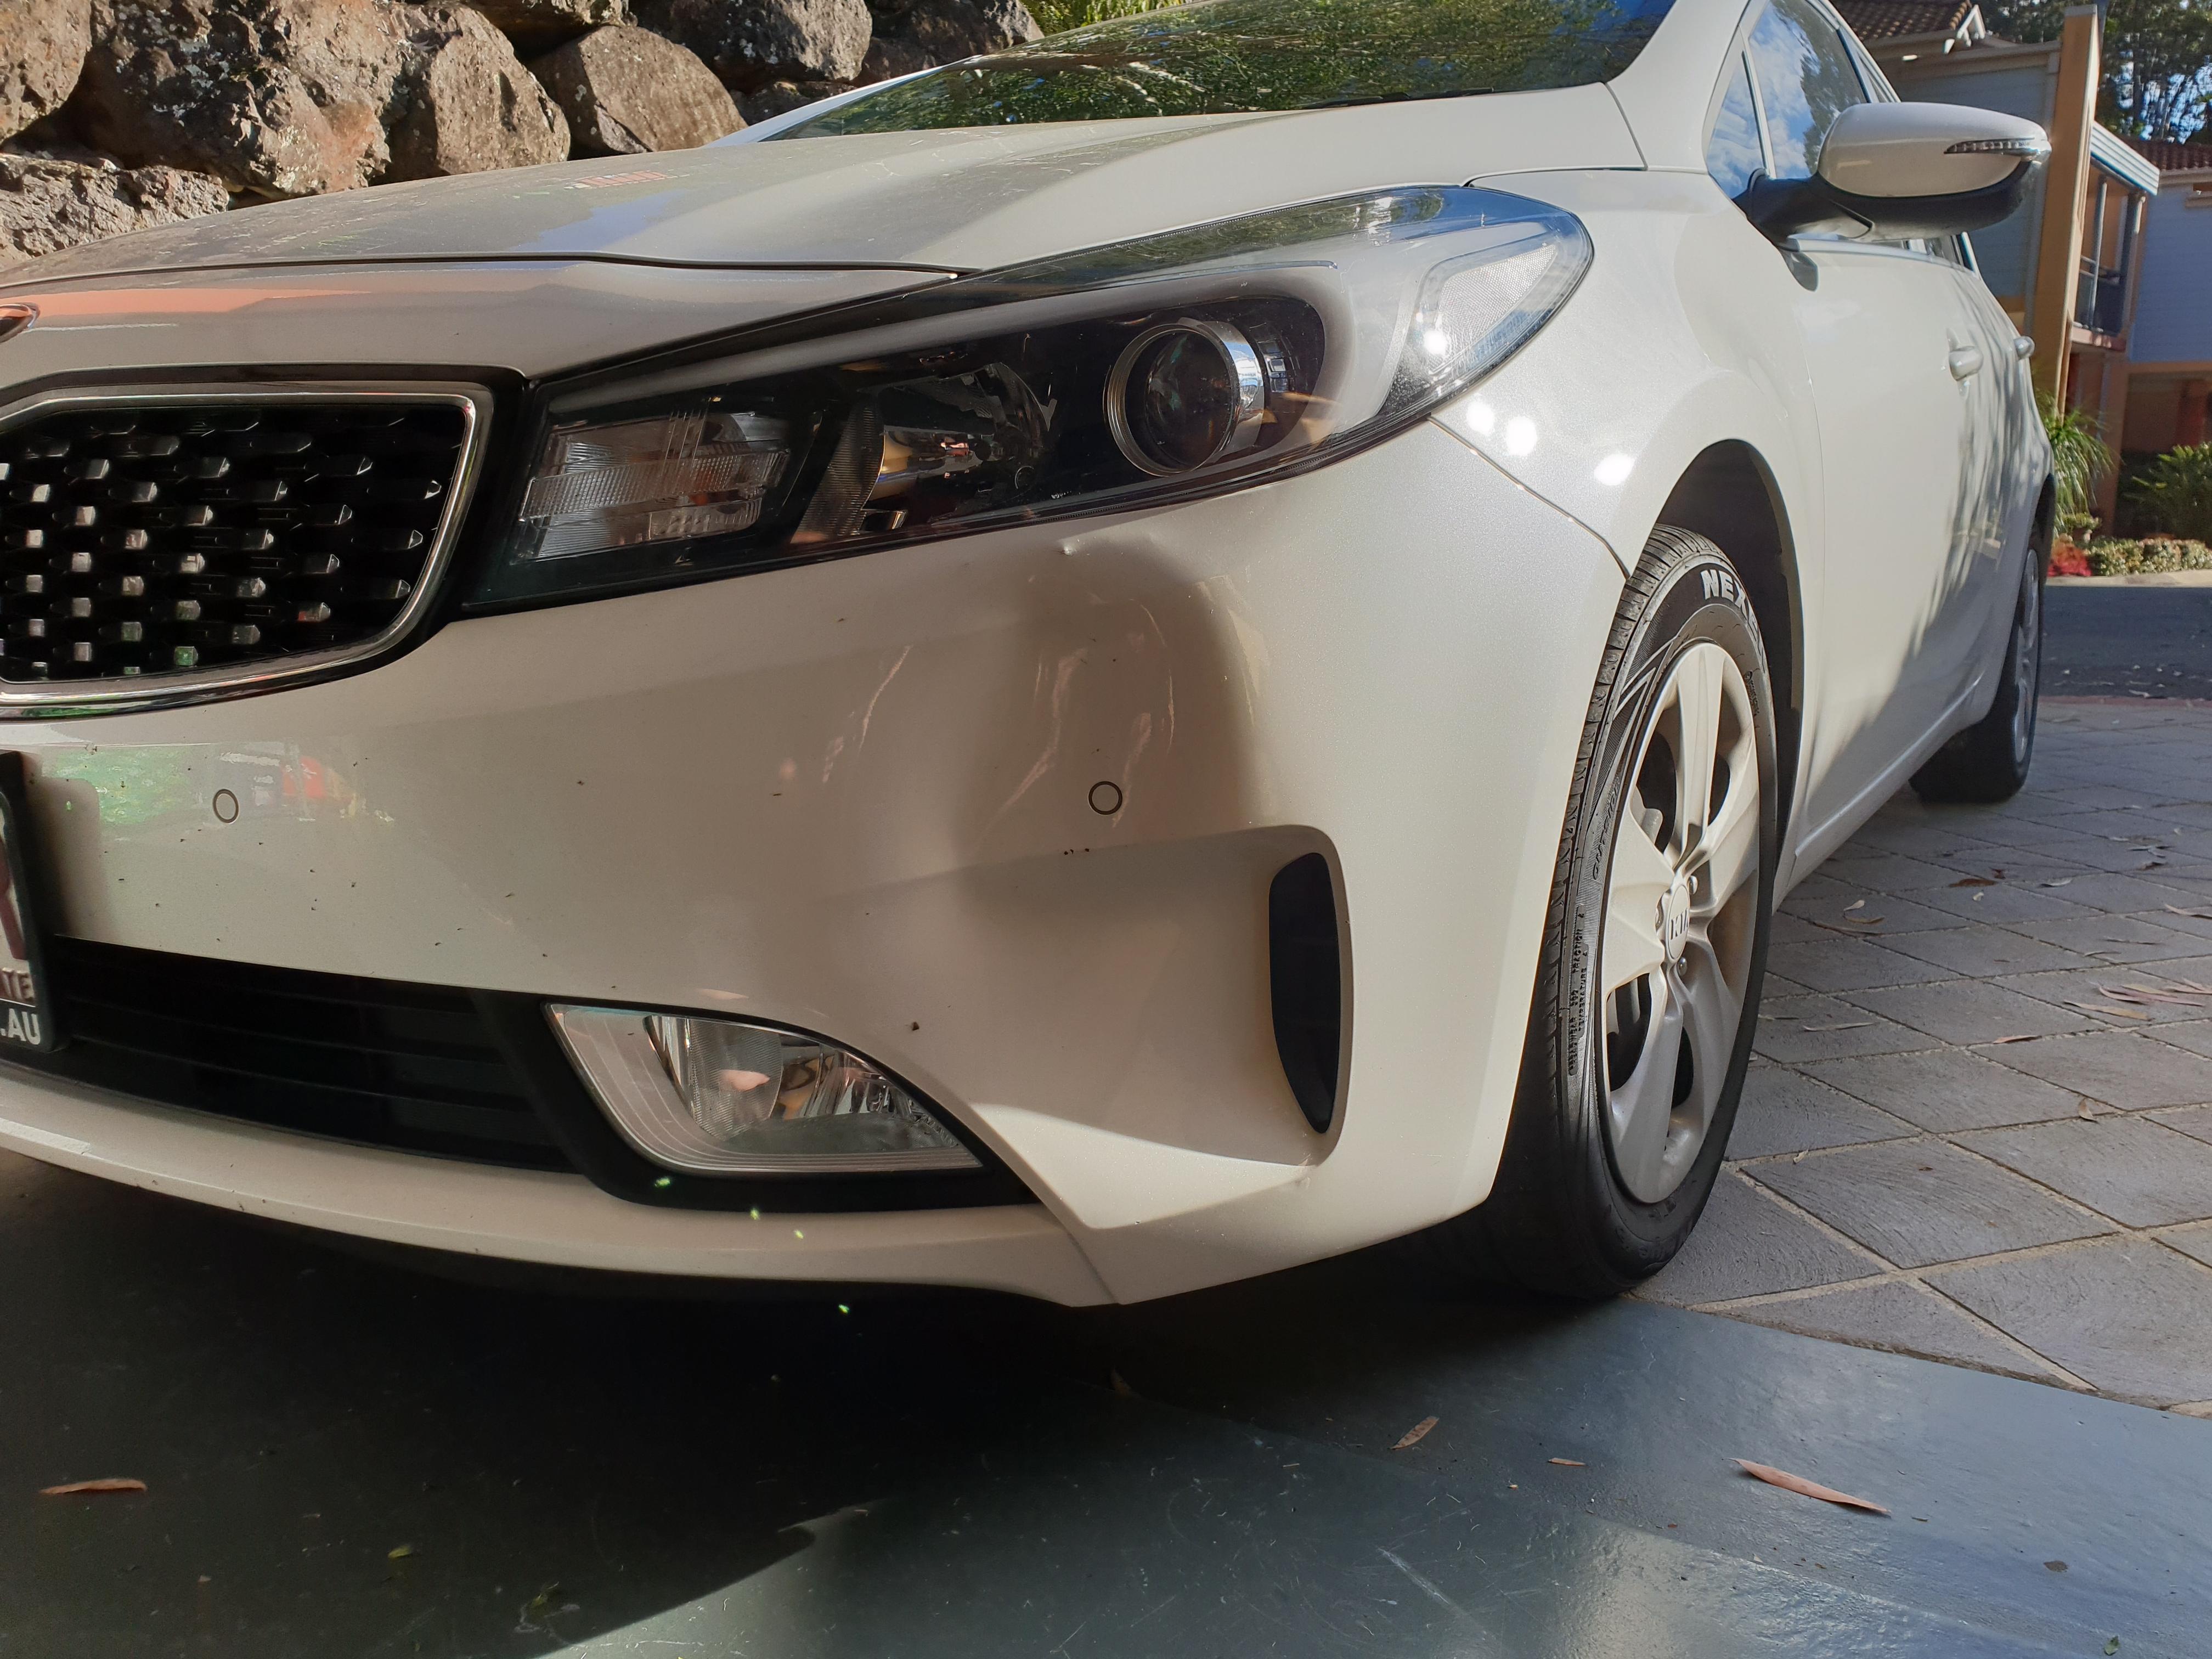 Kia front bumpert bar repair